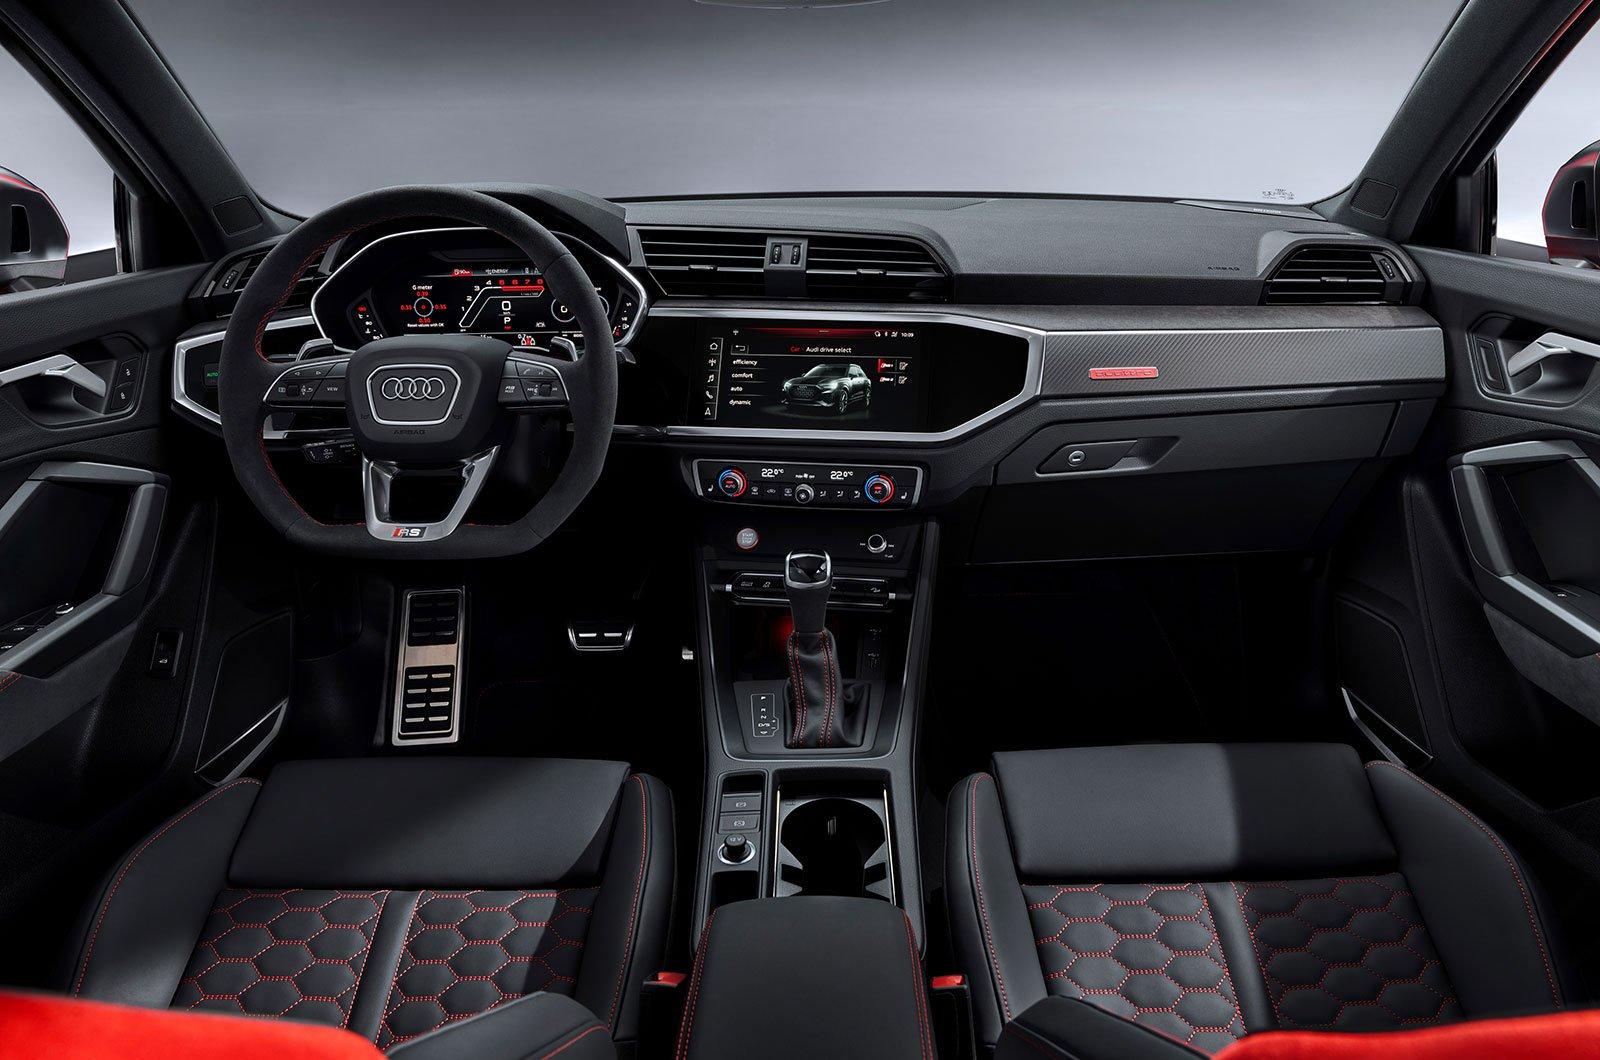 2019 Audi RS Q3 interior